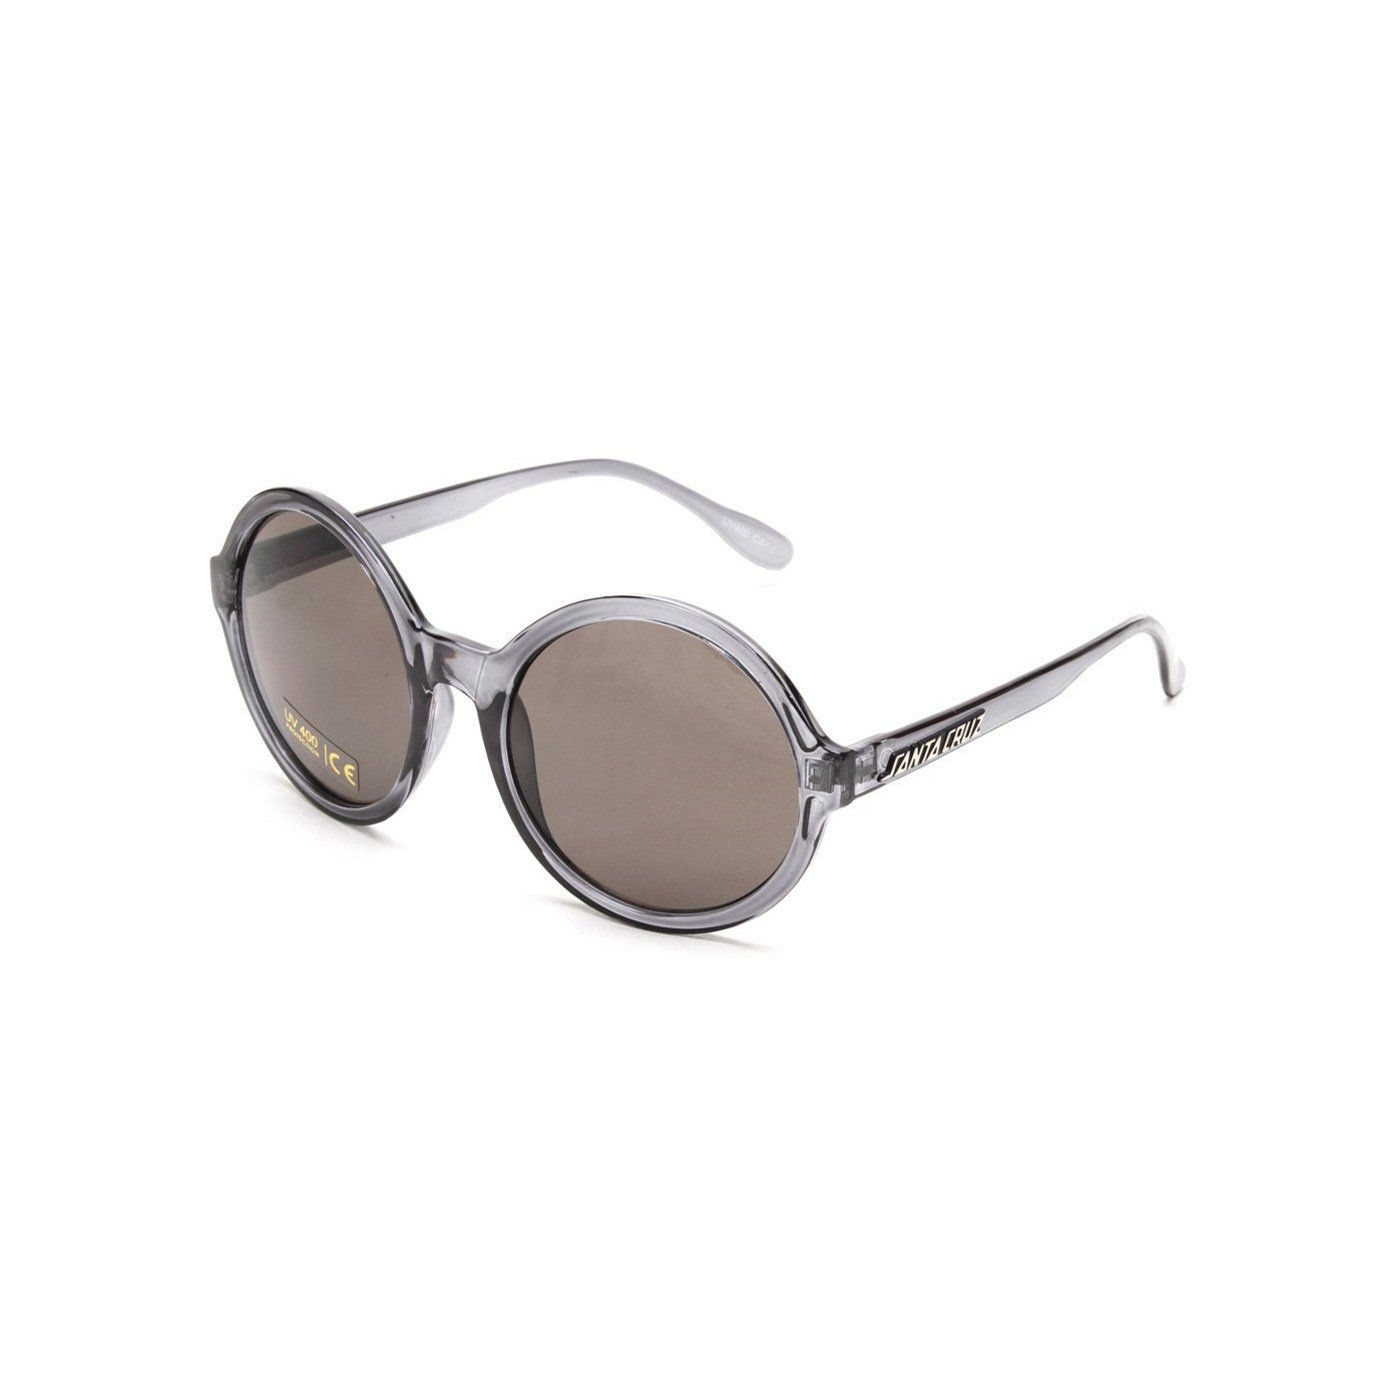 Santa Cruz Gafas de sol Crystal negro: Amazon.es: Ropa y ...